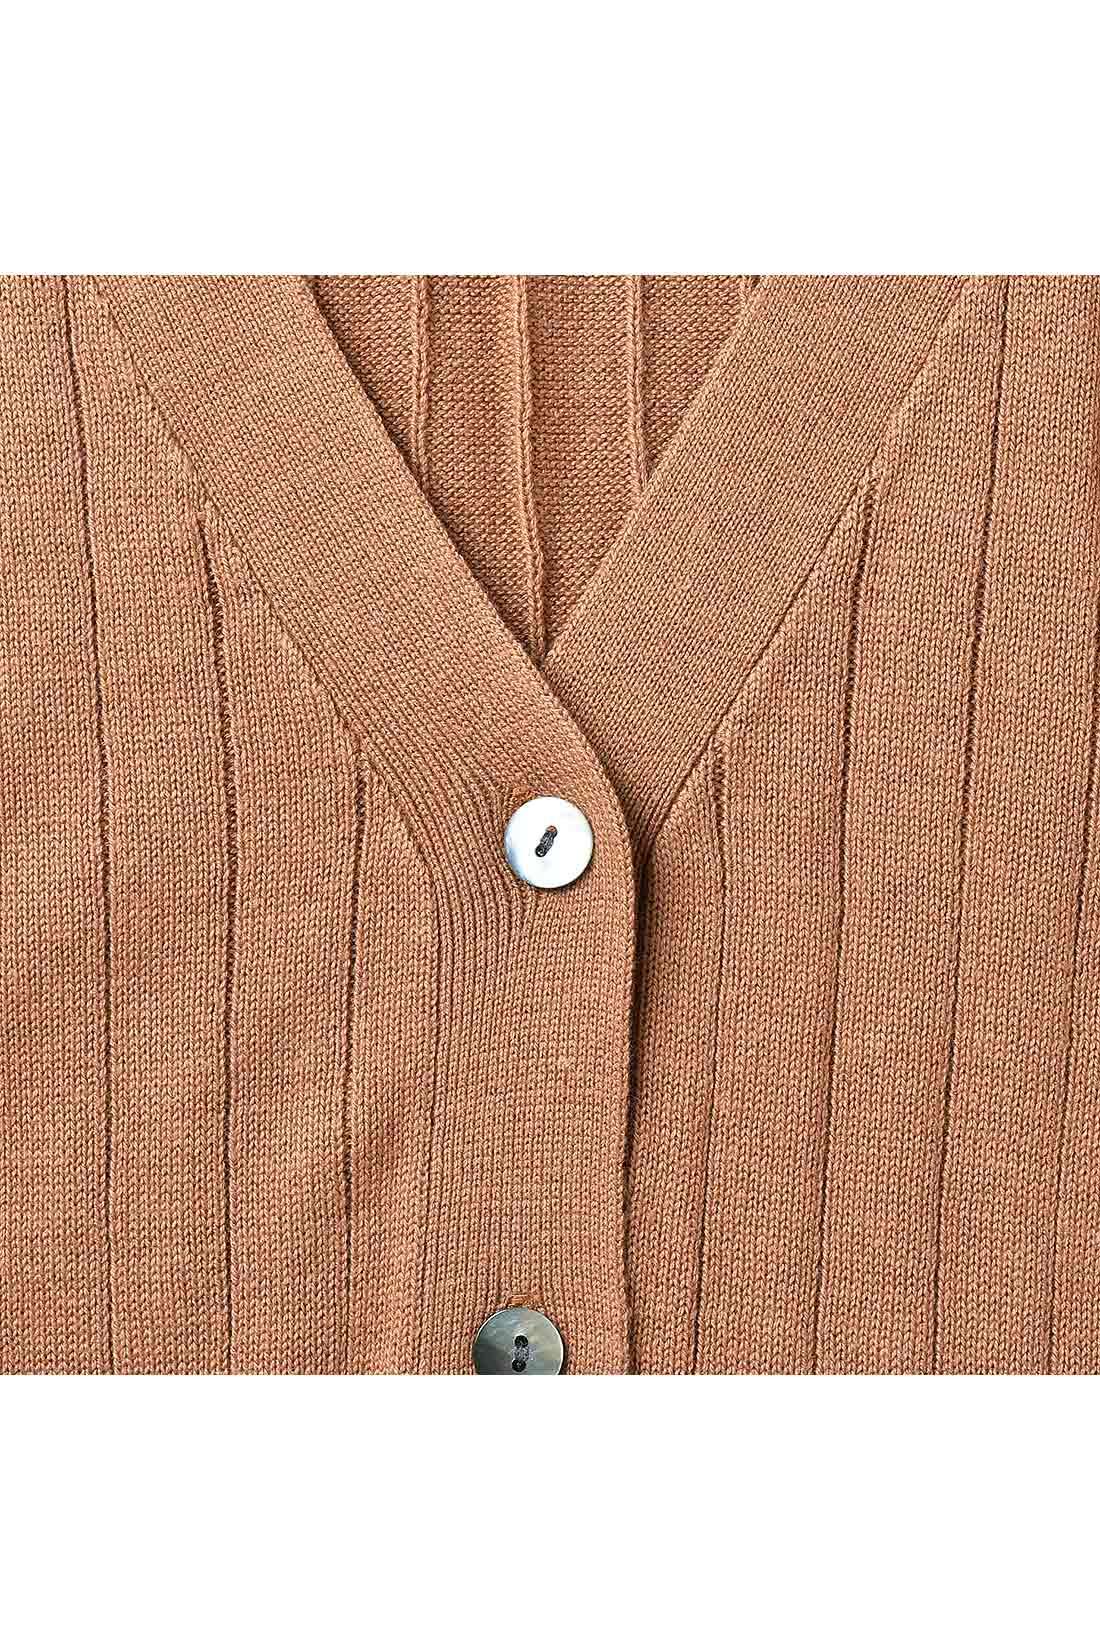 広めの前立て幅にしたトレンド設計と、こだわりの貝調ボタン。